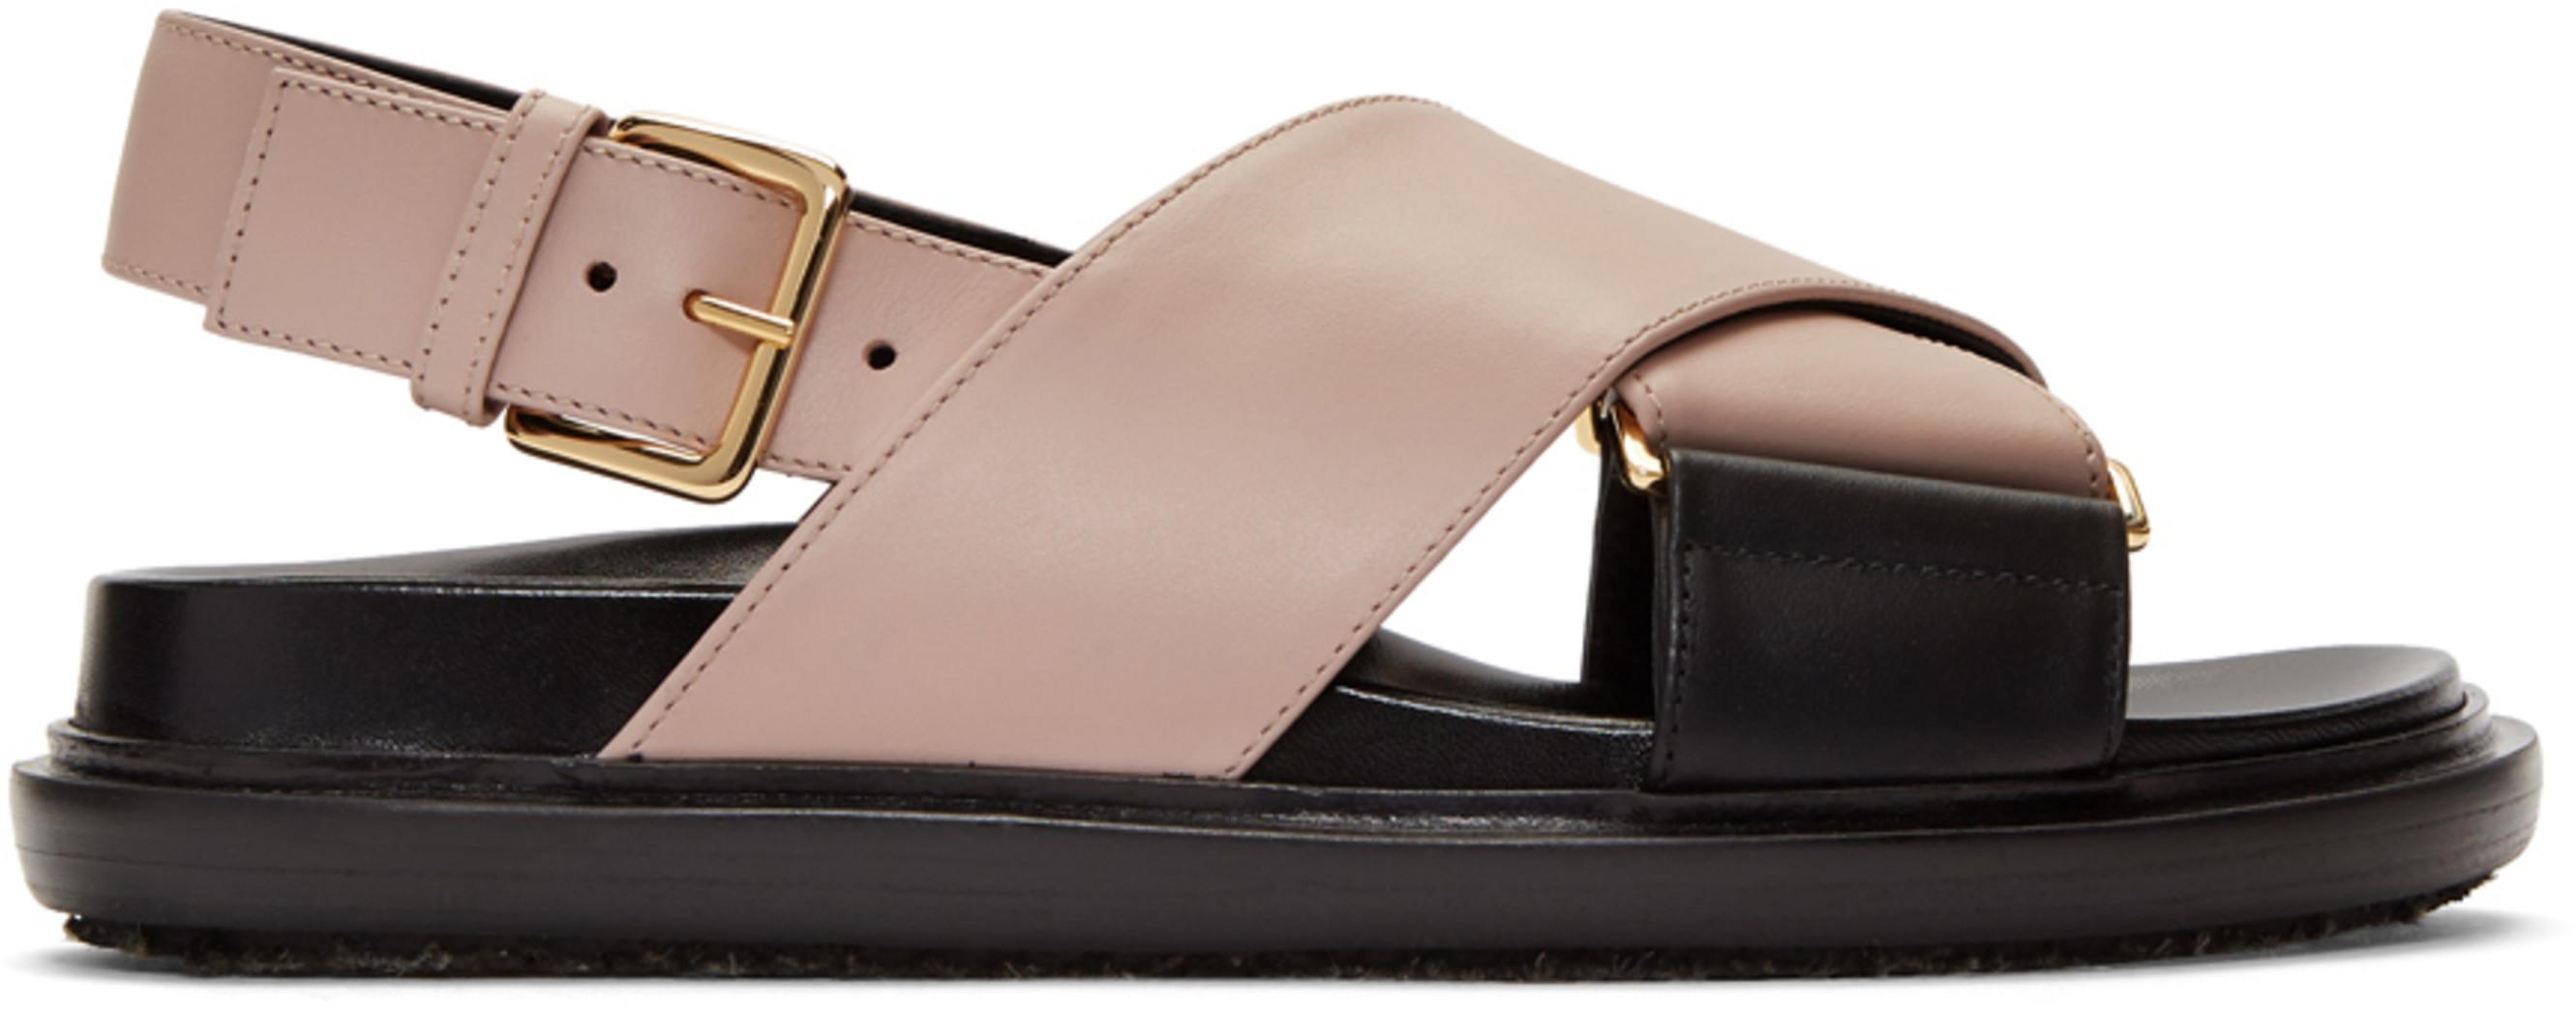 81e5f5be2b3 Designer sandals for Women